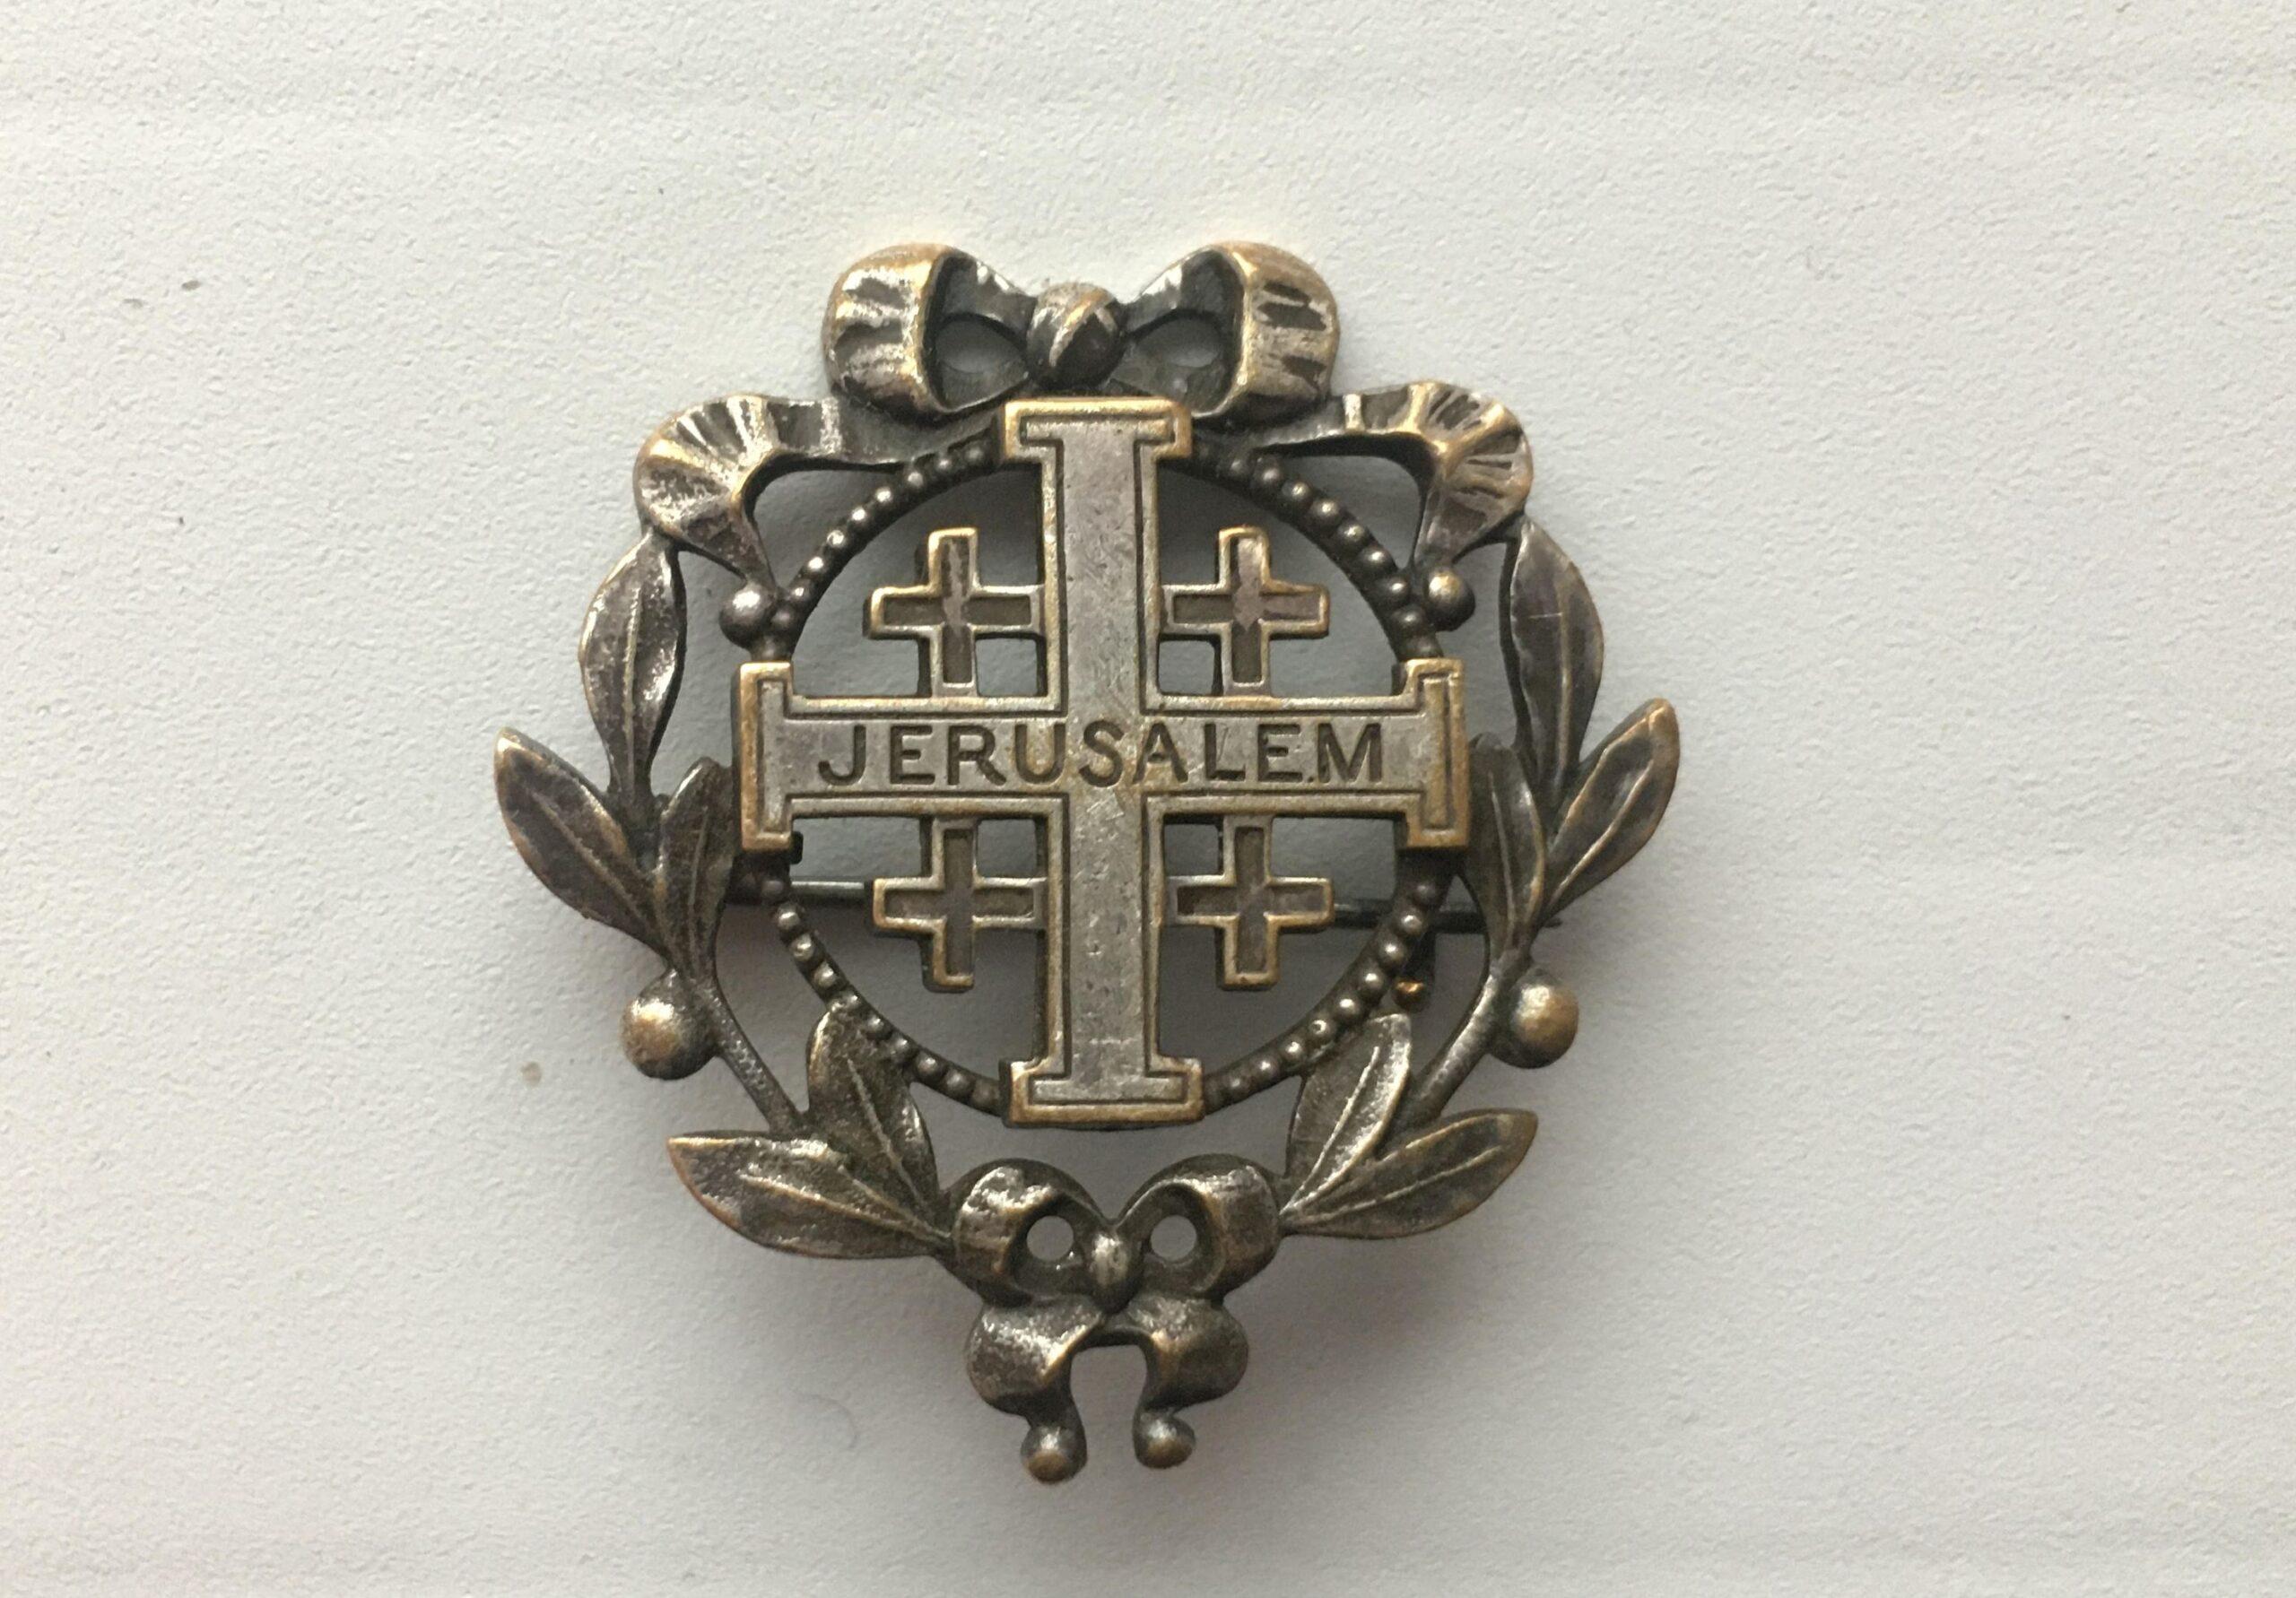 Metalinė segė su Jeruzalės kryžiumi.